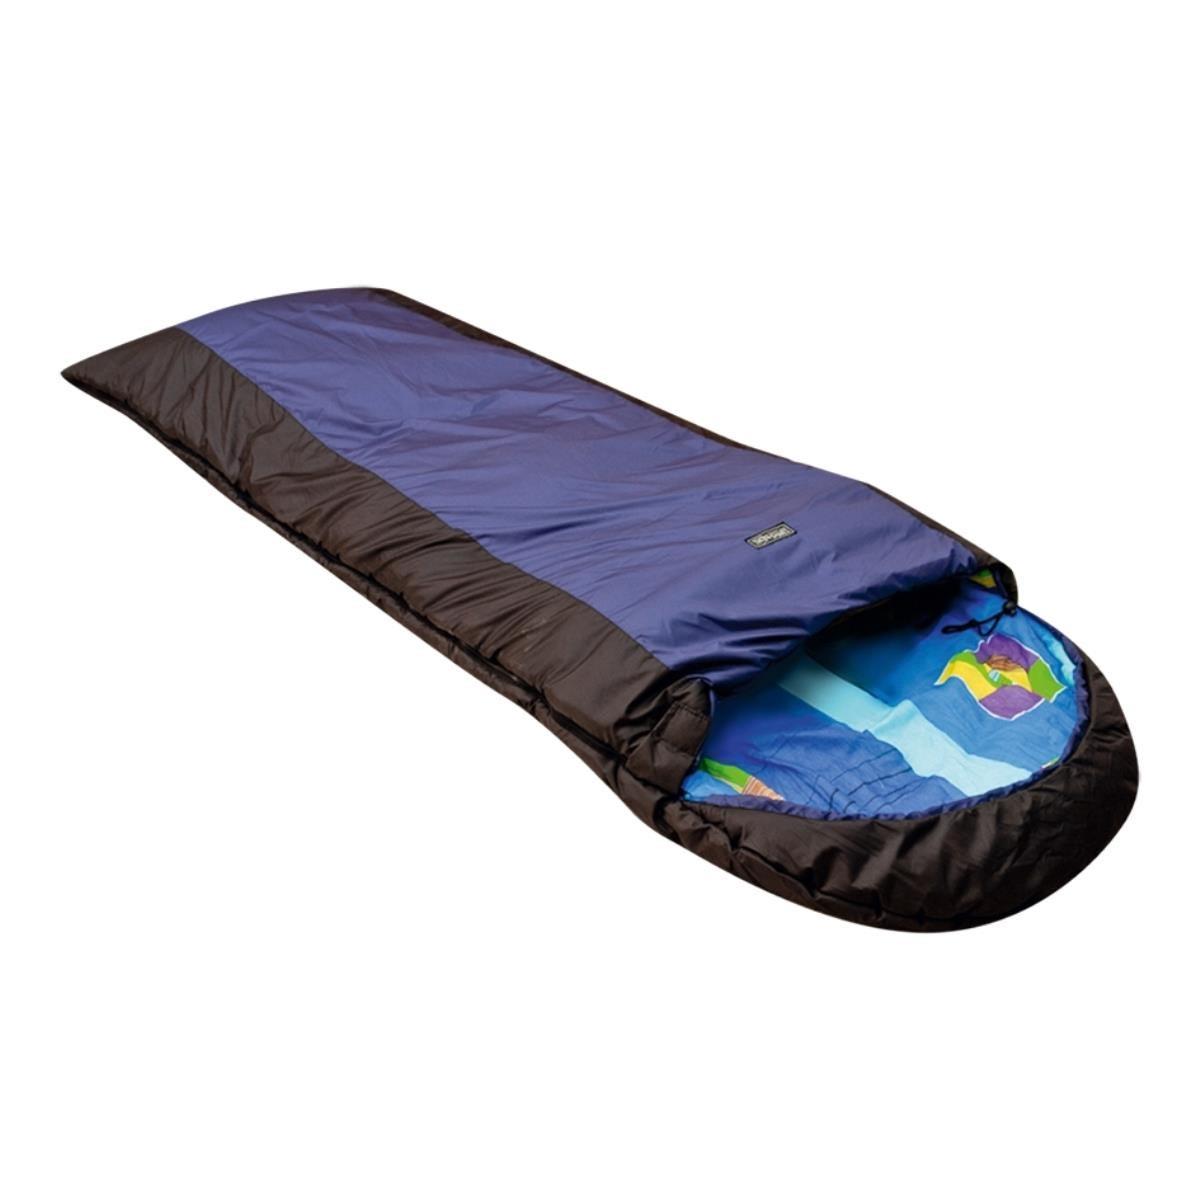 Спальный мешок Хольстер Антилопа Макси синий/черный, правый